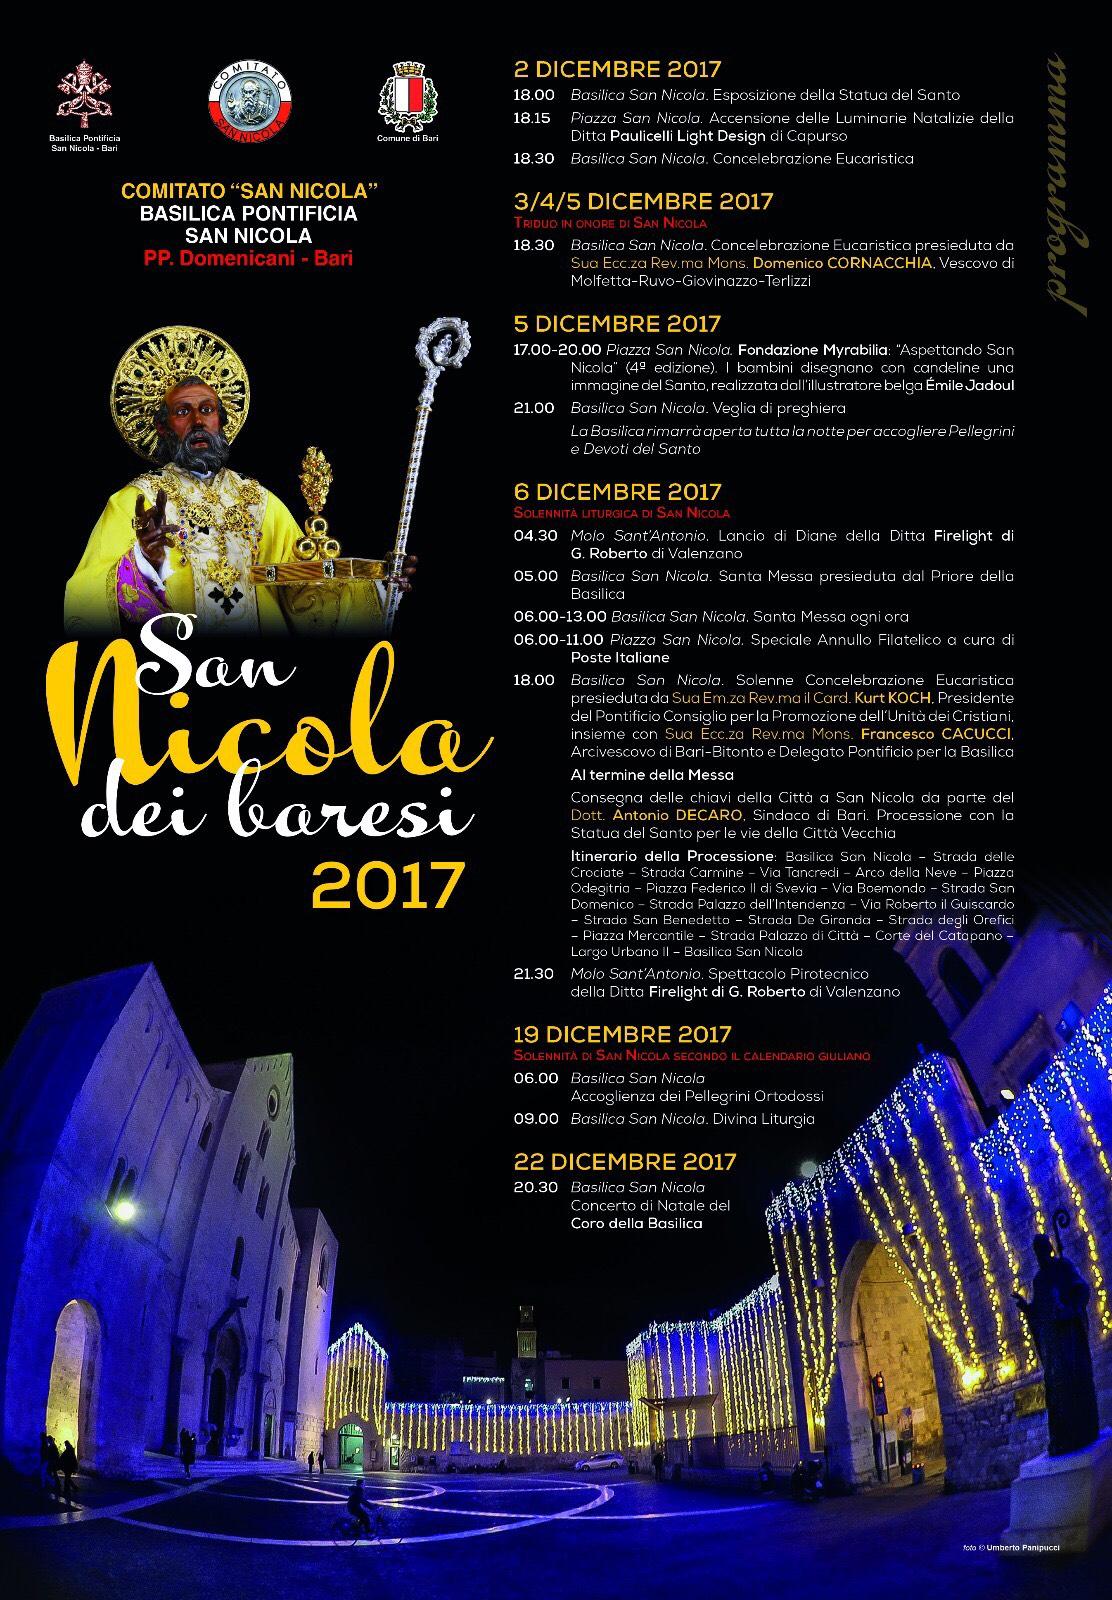 San Nicola Calendario.Festa Di San Nicola Di Bari 2017 Il Programma Completo